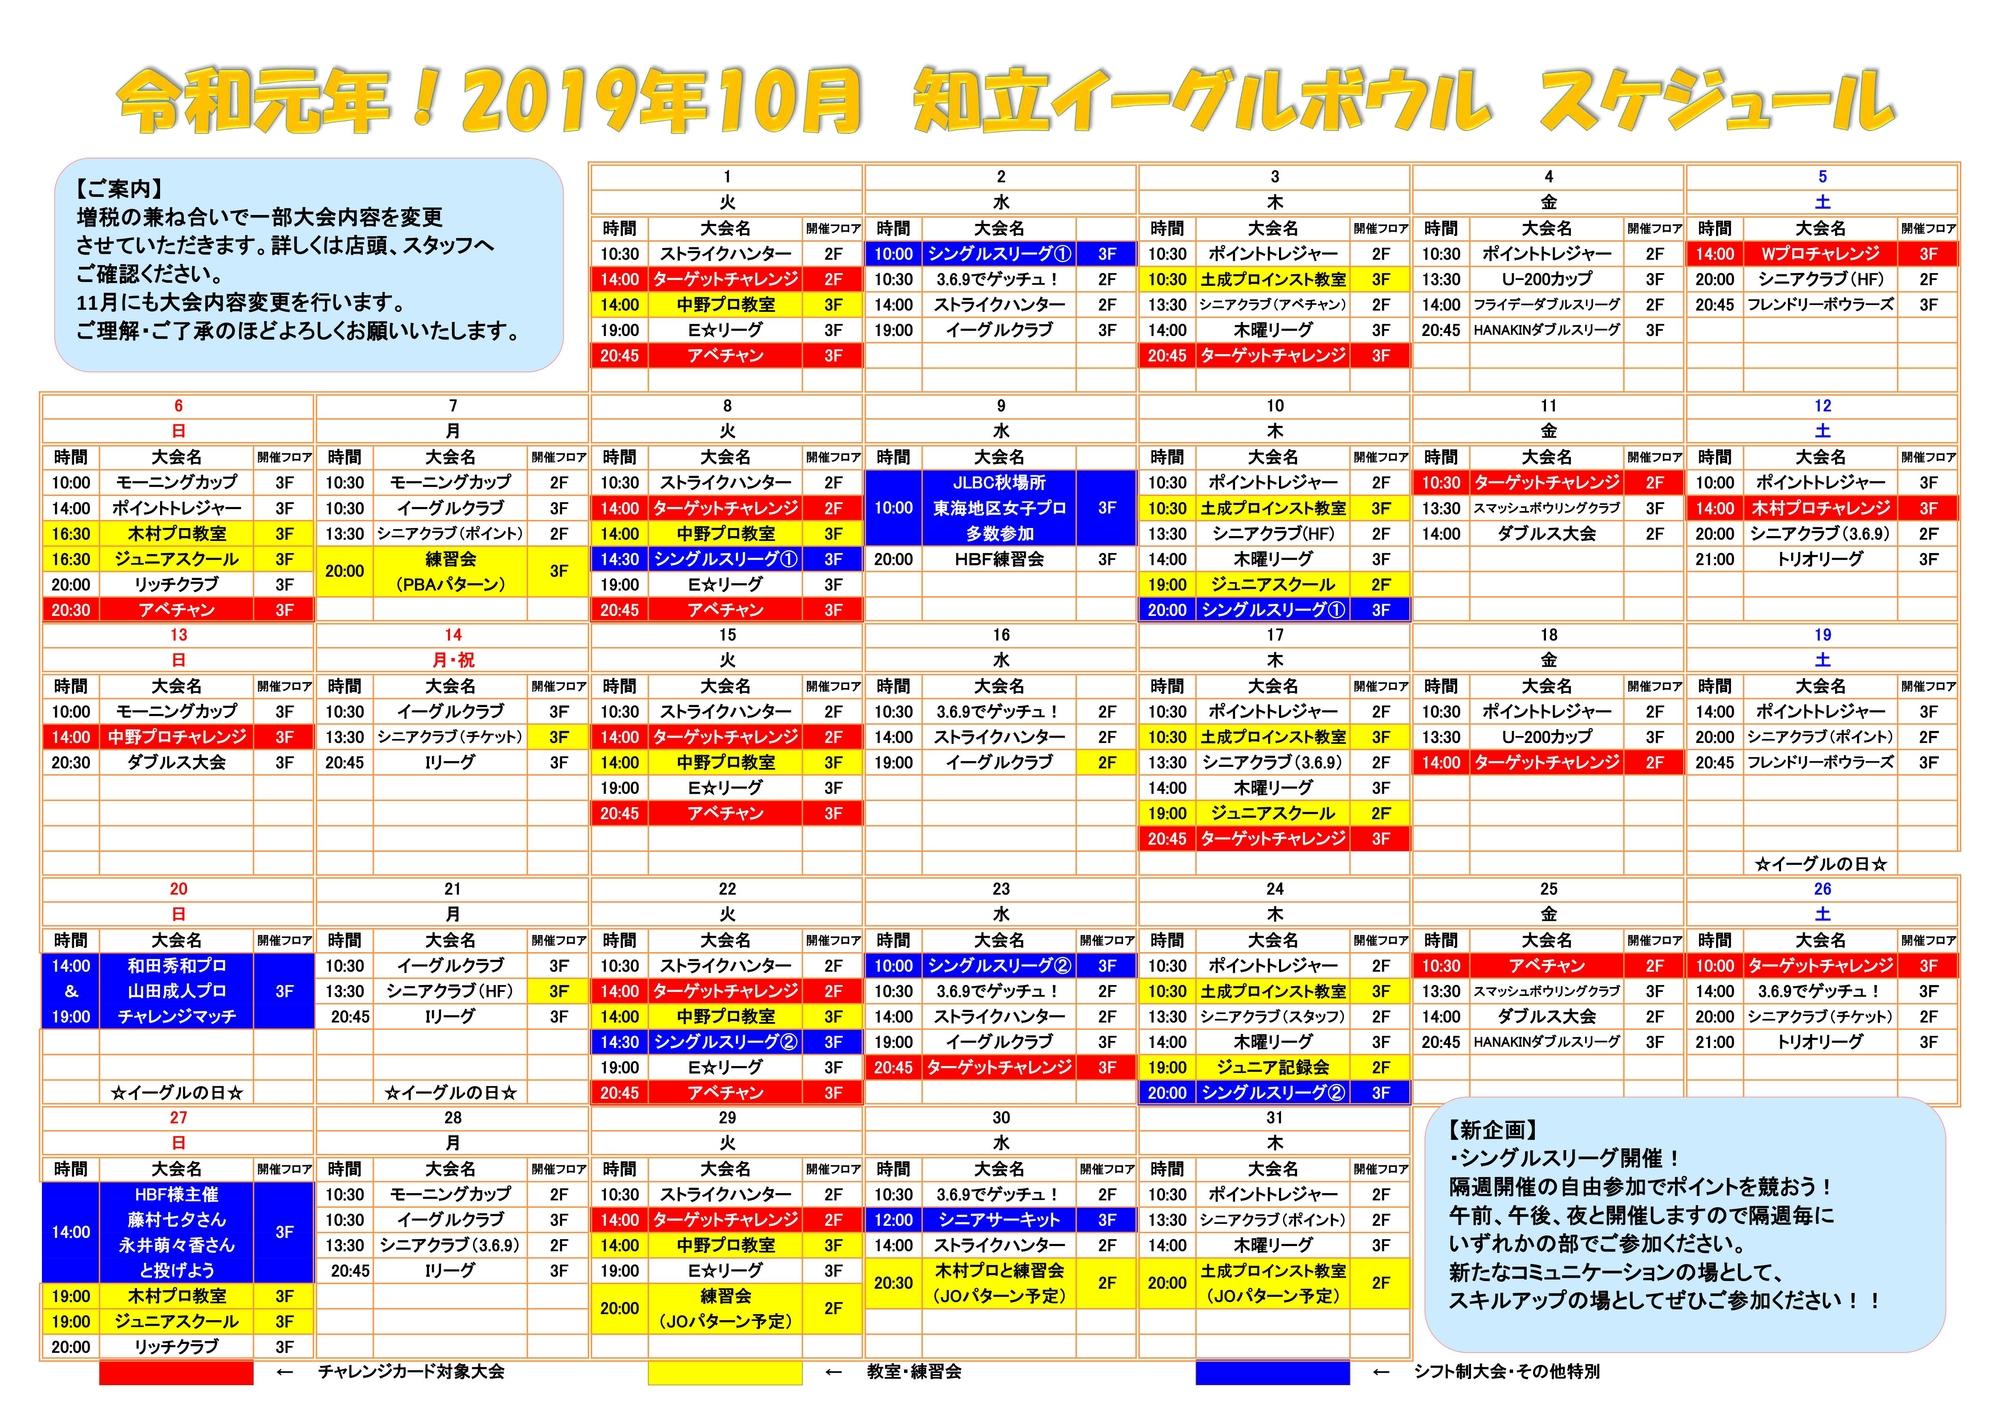 2019年10月 大会スケジュール